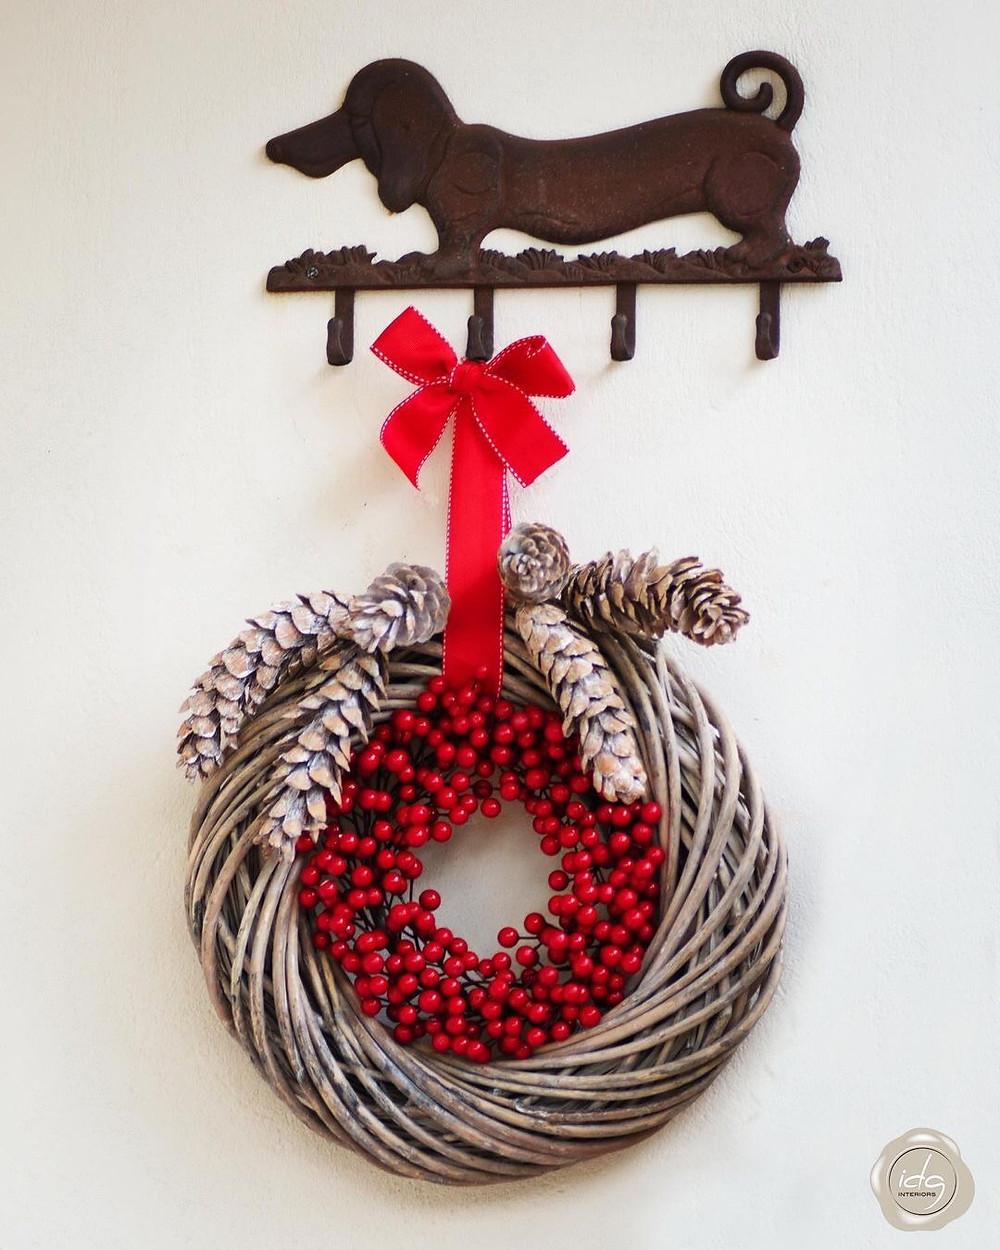 Μία ωραία εναλλακτική πρόταση για χριστουγεννιάτικο στεφάνι  από την διακοσμήτρια Ioanna Galanos Interiors